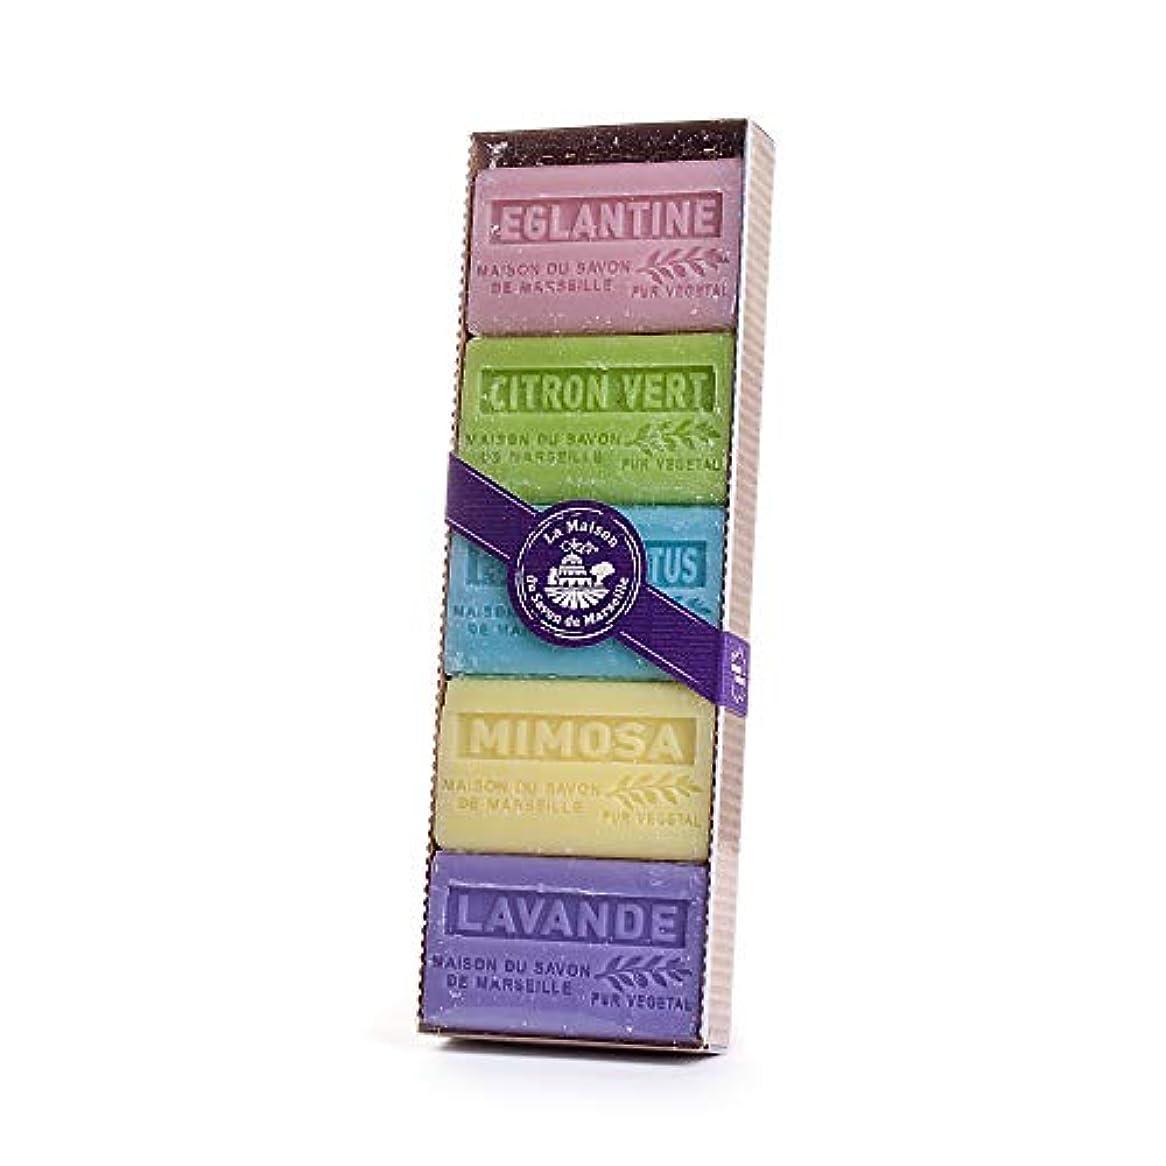 時代見ました自動La Maison du Savon de Marseille (ラ?メゾン?ド?サボン) 石鹸セット(5個入り) 60g